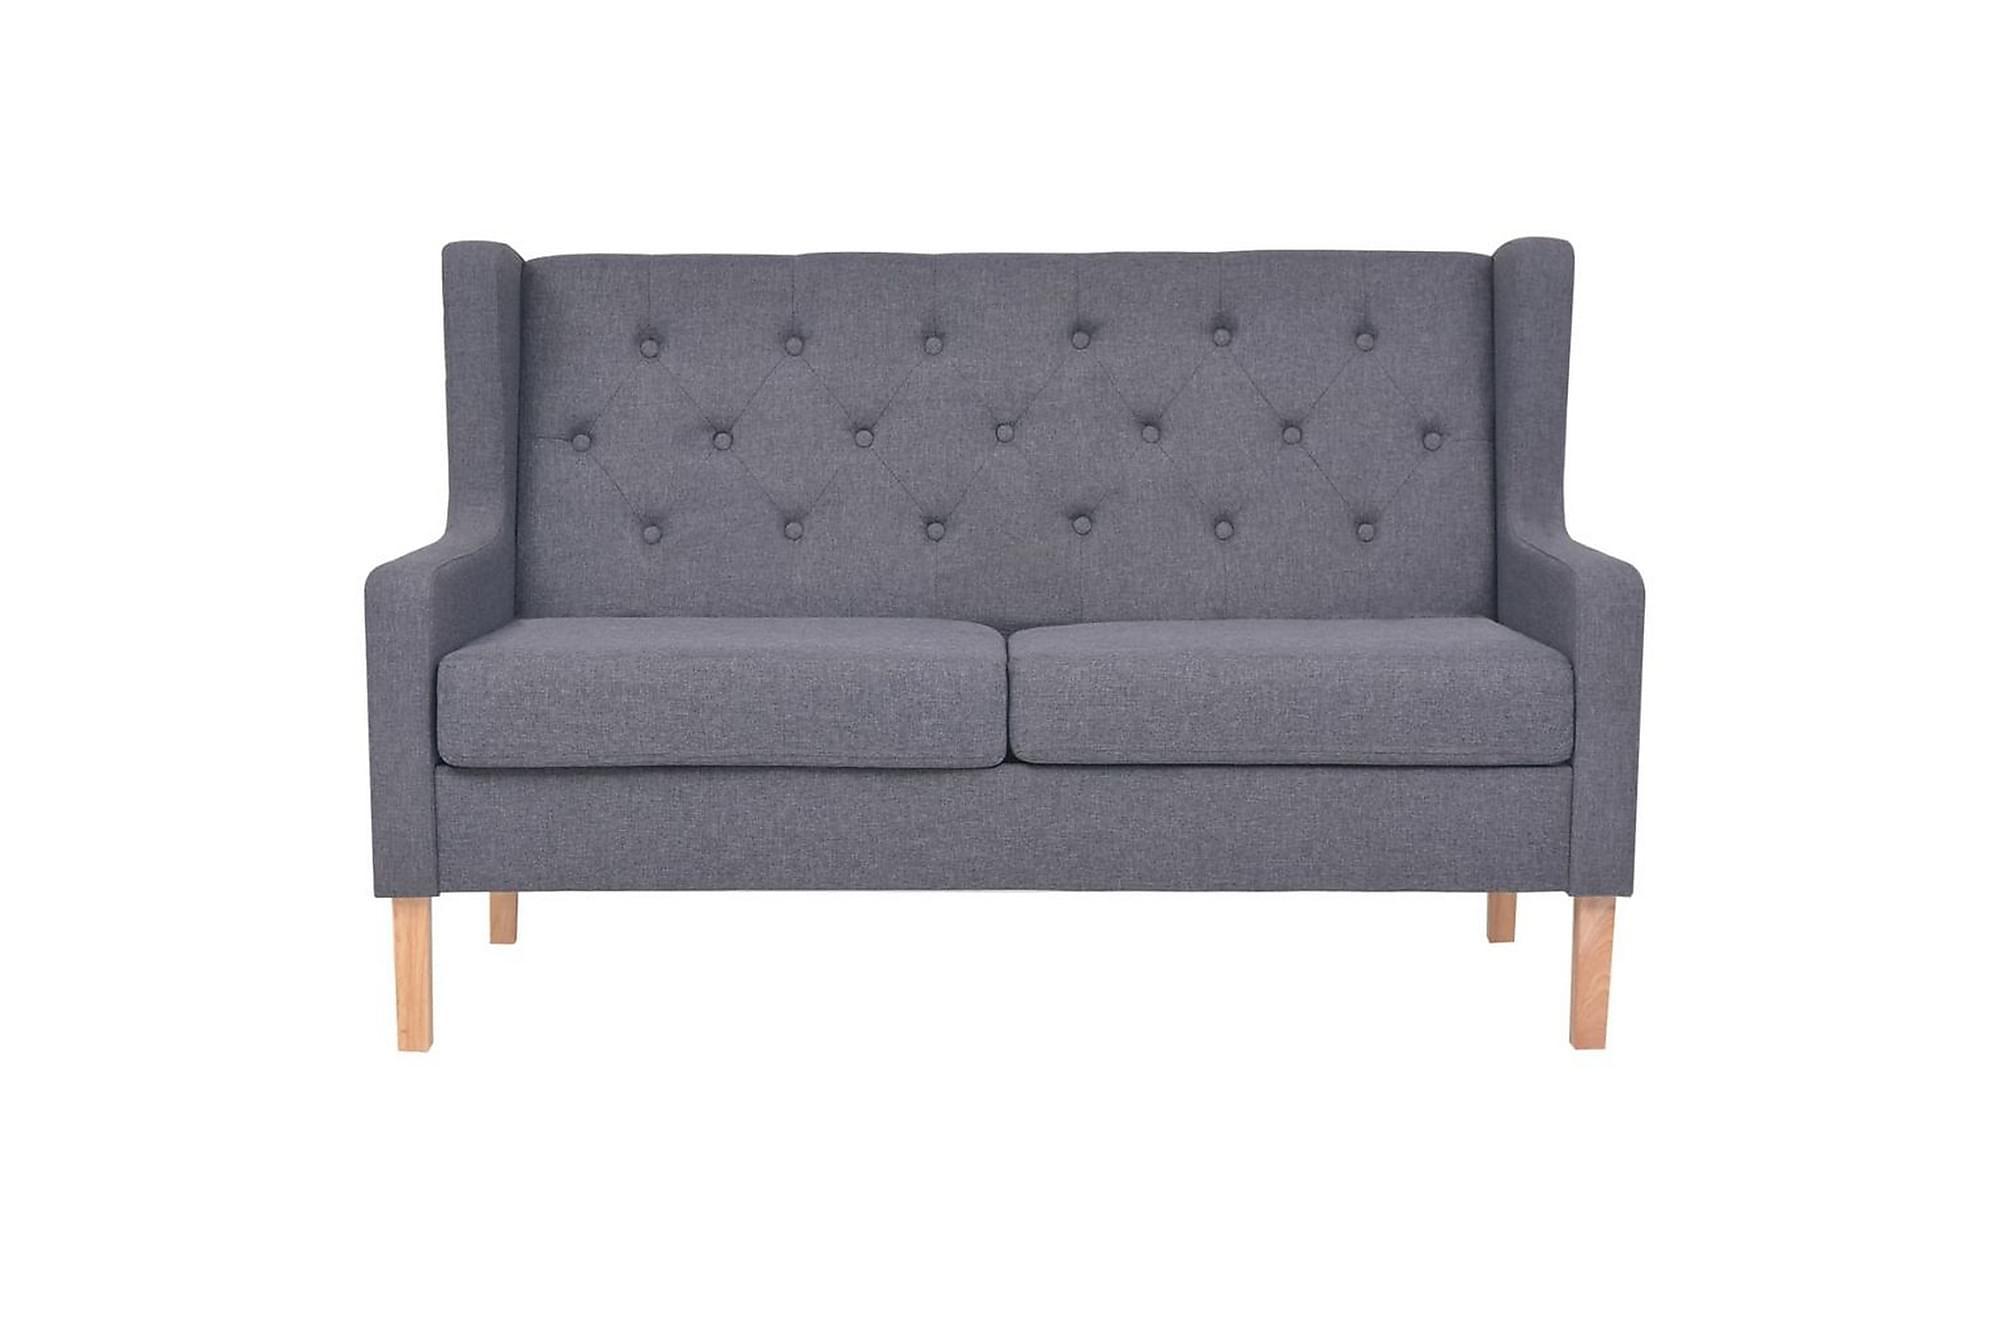 2-sitssoffa i tyg grå, 2-sits soffor